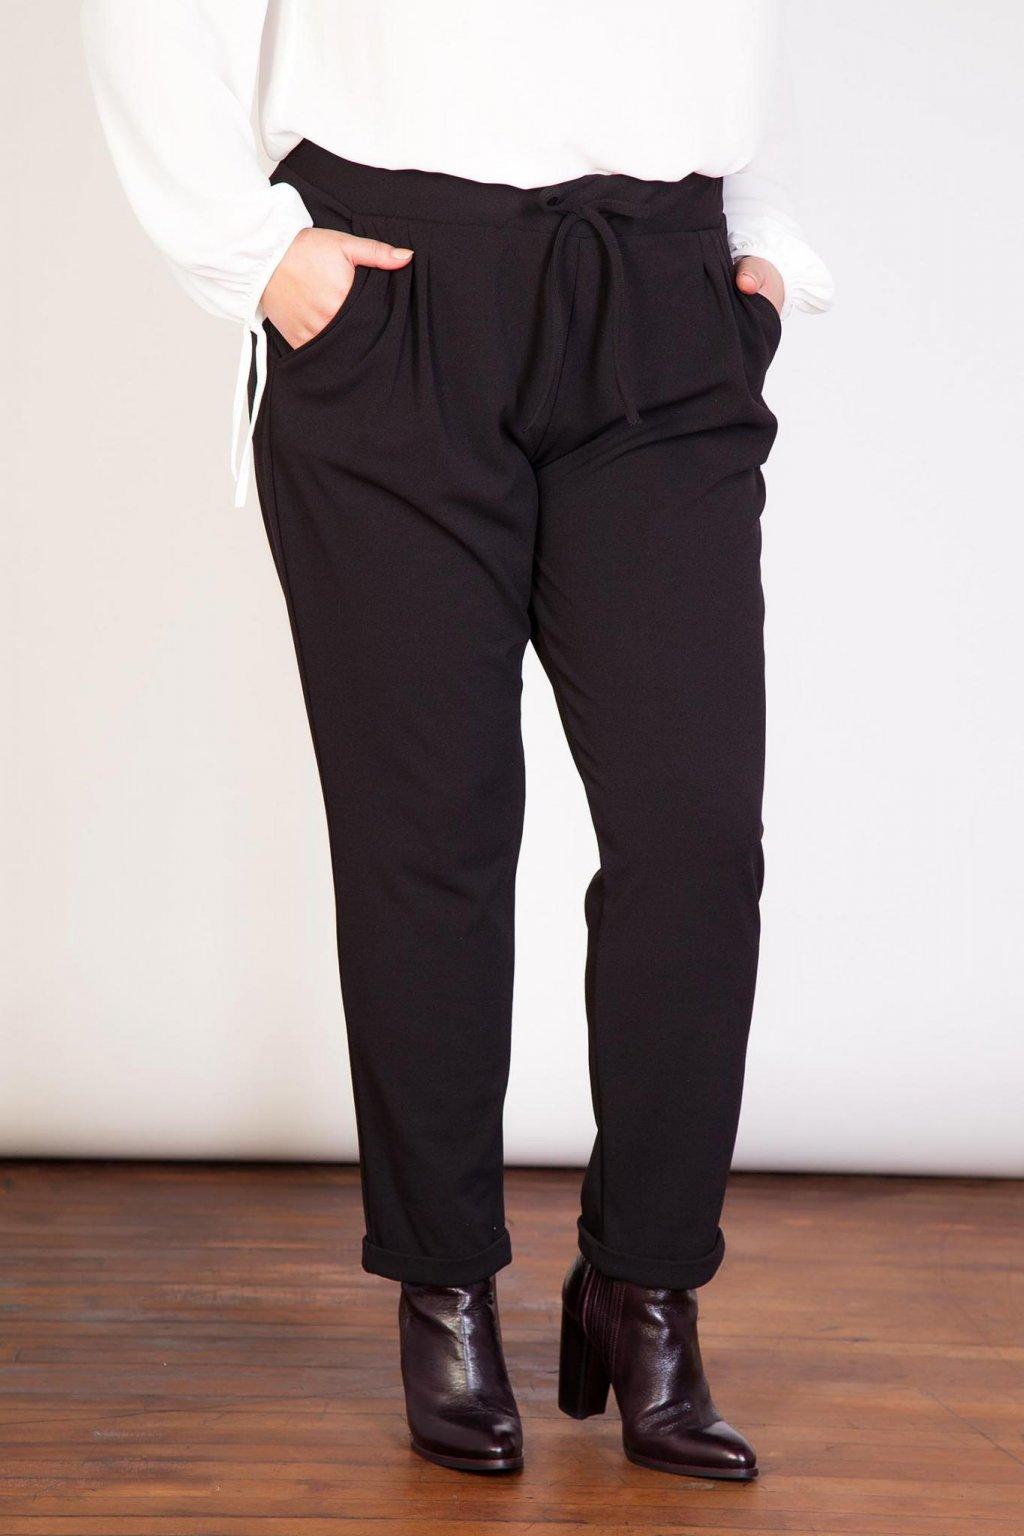 Dámské kalhoty Opaque černé 1